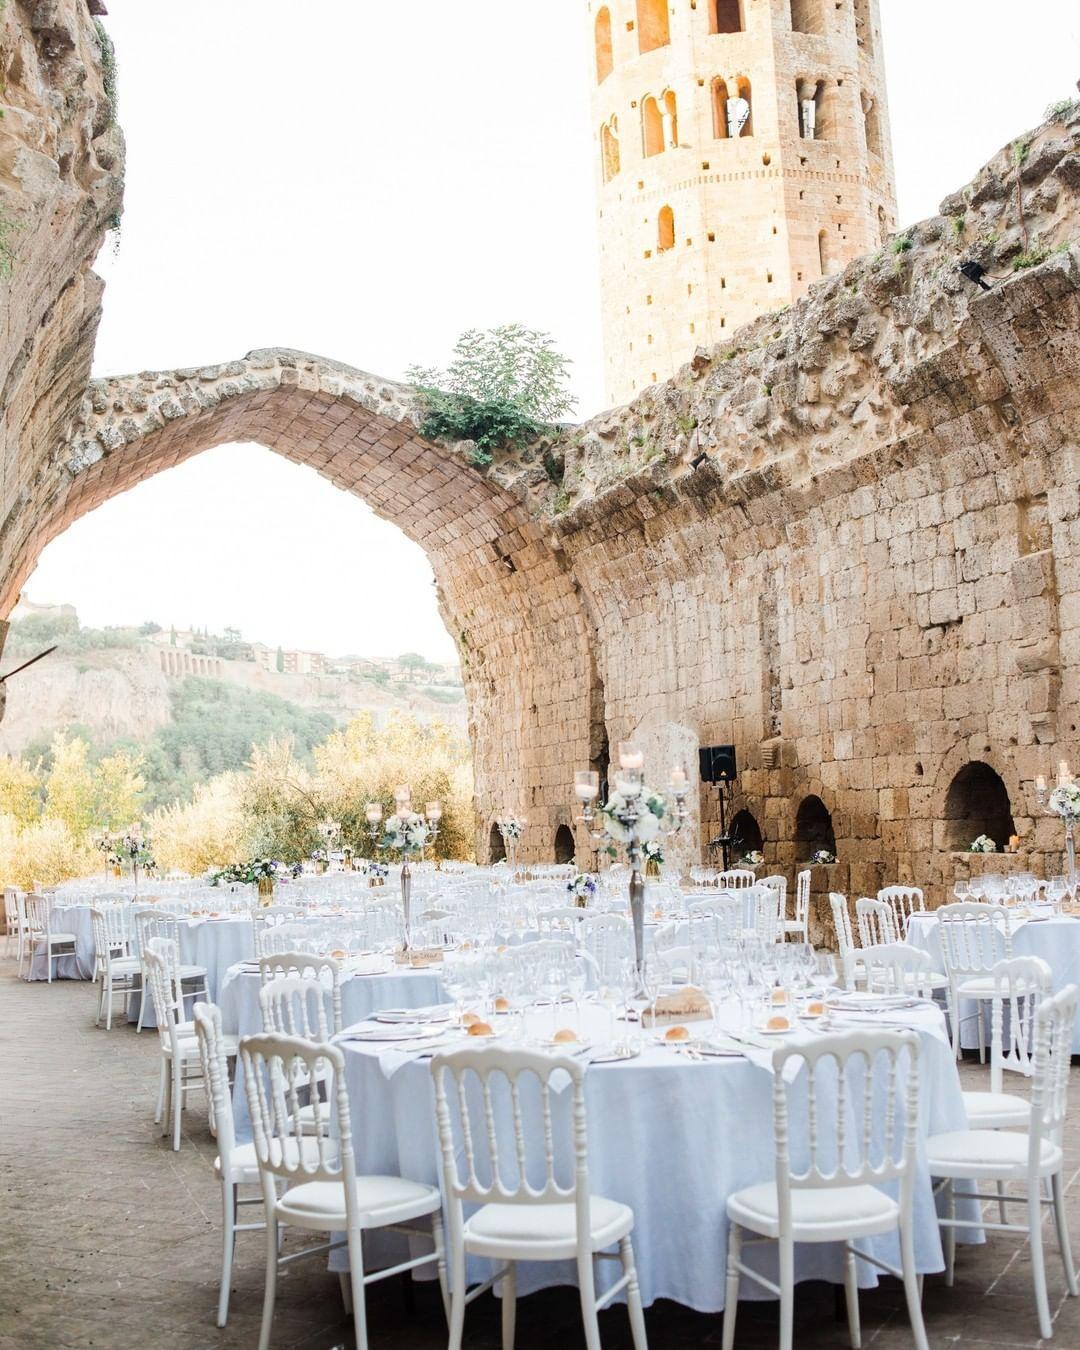 Wedding Reception At A Chateau